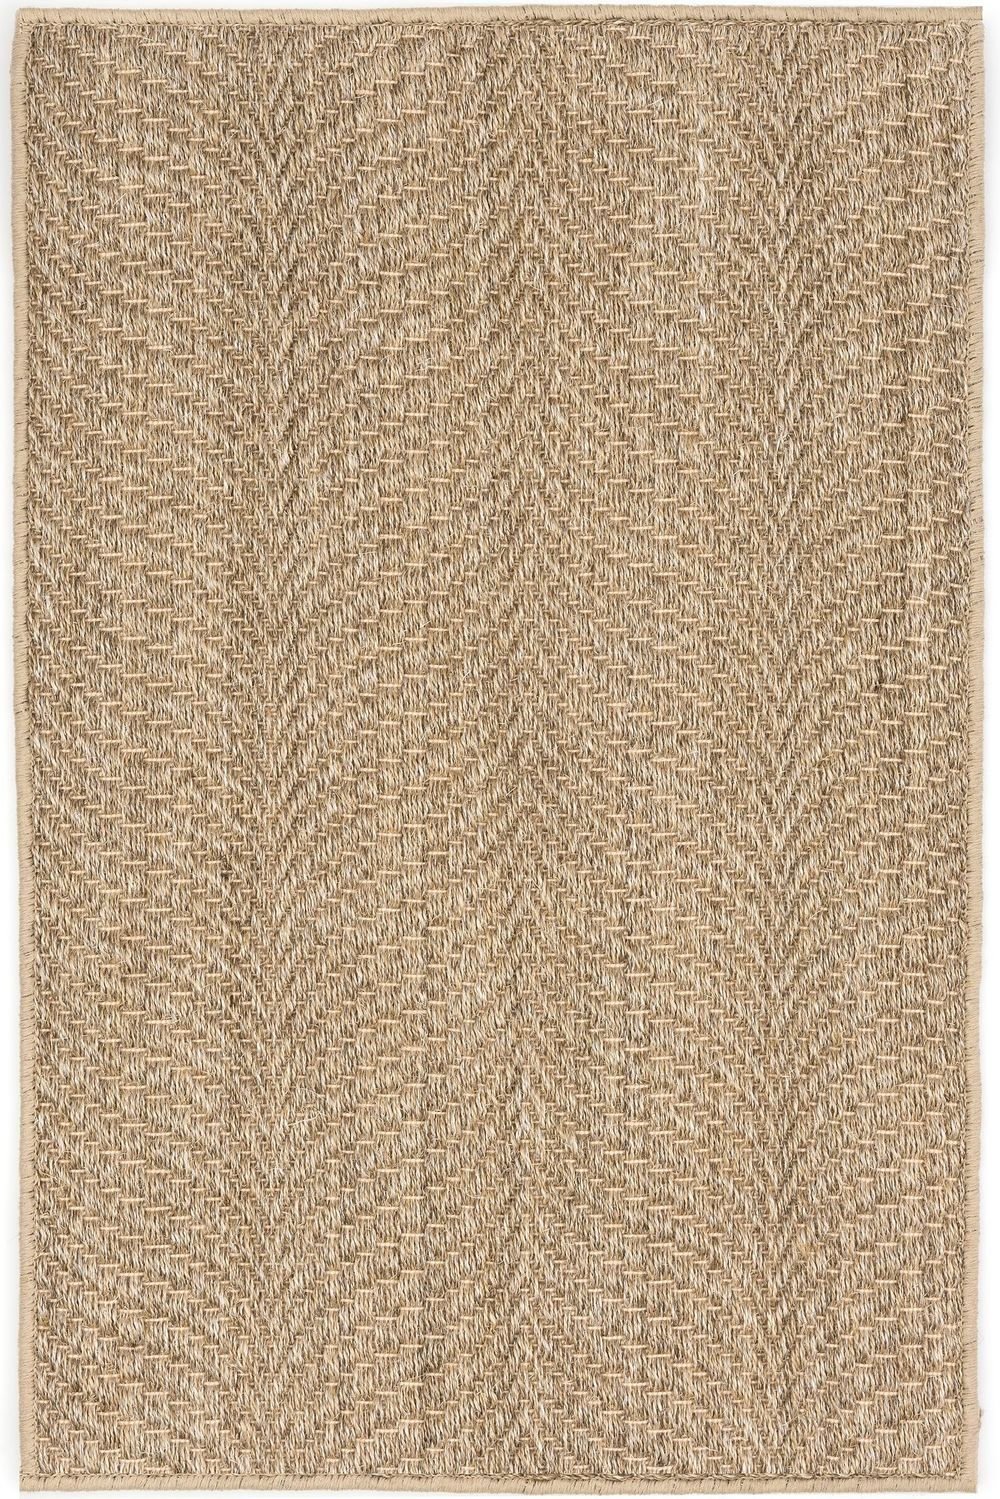 Dash & Albert Rug Company - Wave Natural Sisal Woven Rug 8x10